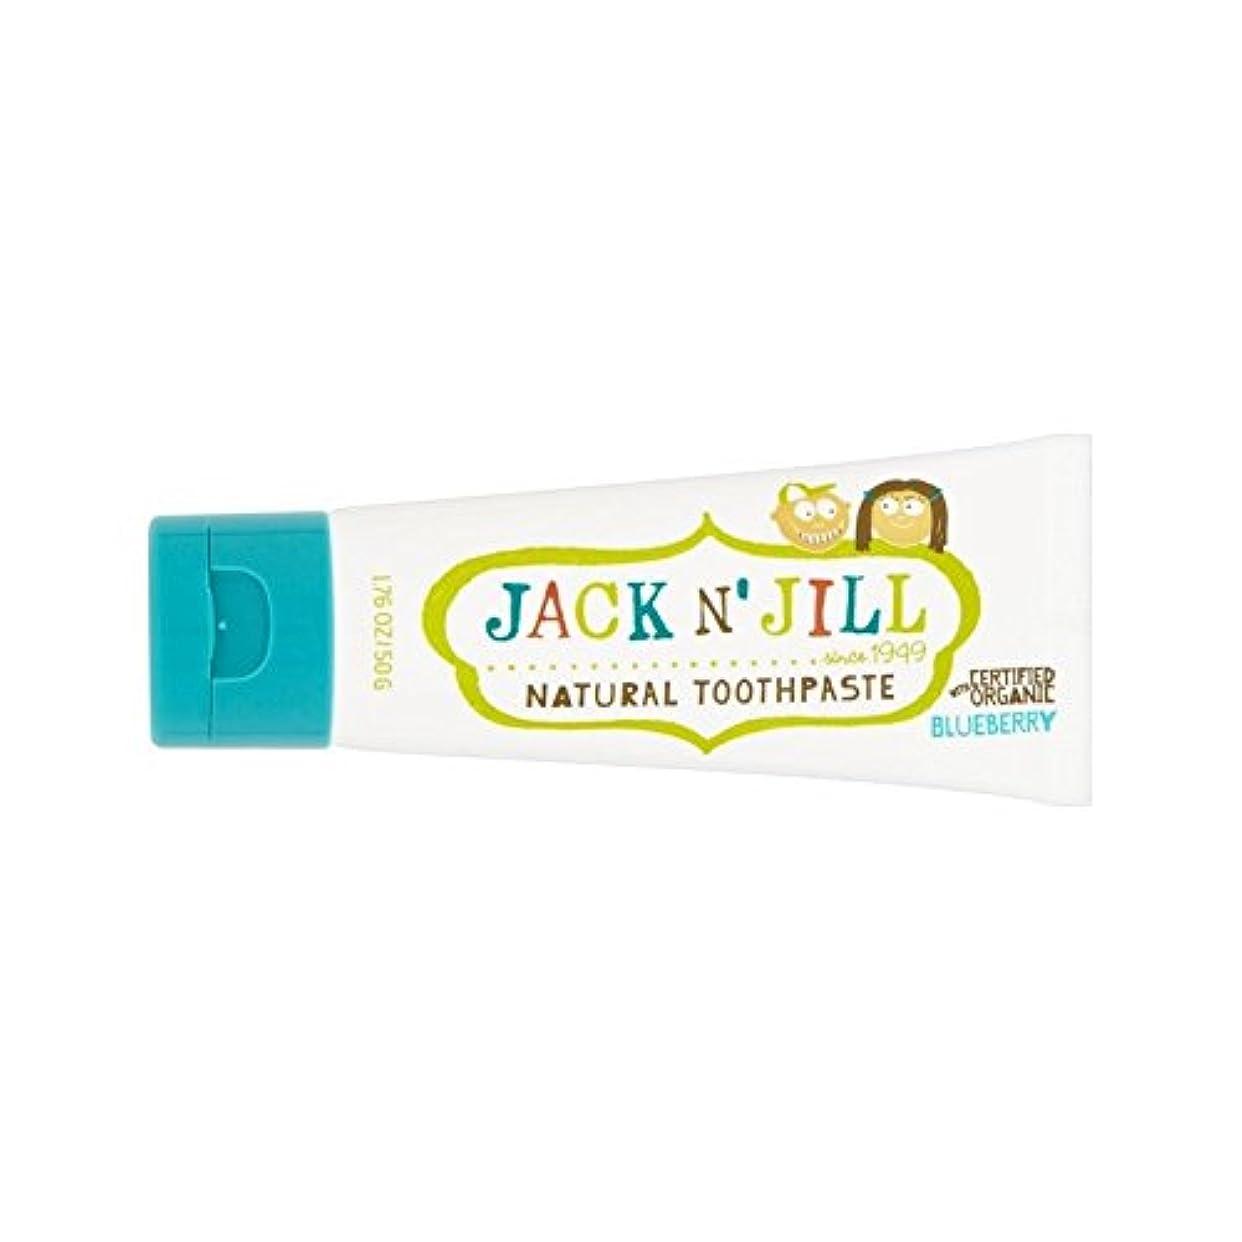 スタウト動エスカレート有機香味50グラムとの自然なブルーベリー歯磨き粉 (Jack N Jill) - Jack N' Jill Blueberry Toothpaste Natural with Organic Flavouring 50g [並行輸入品]